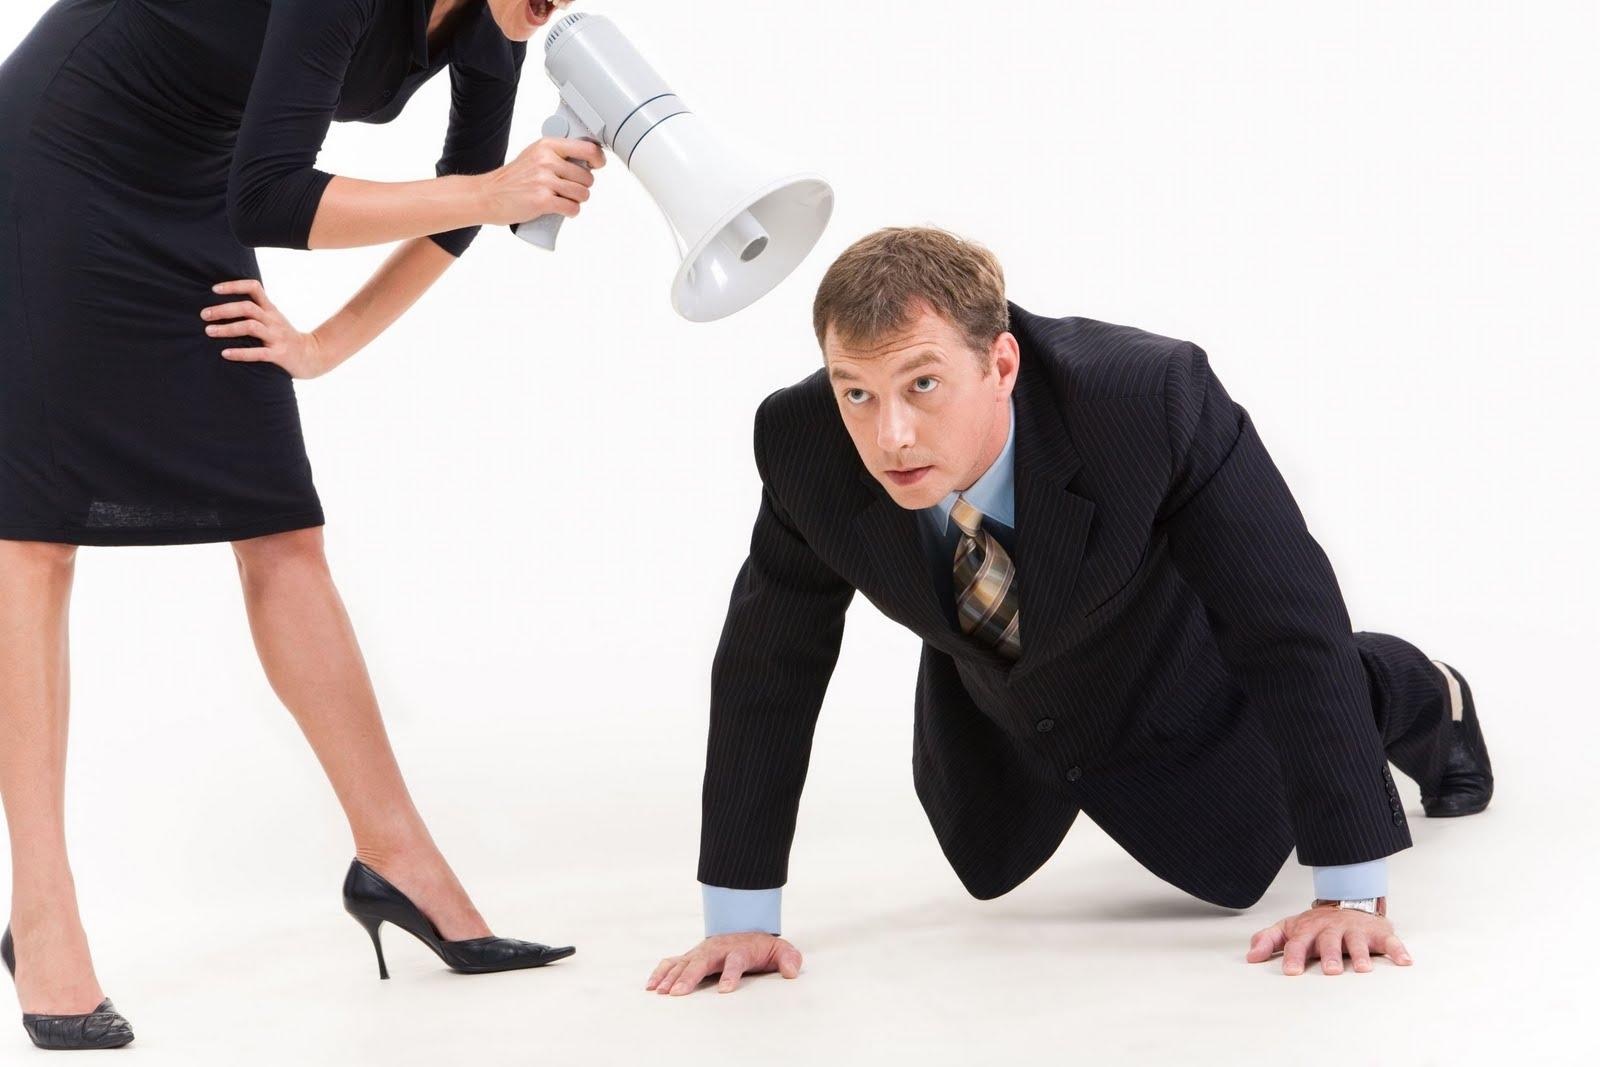 Женщина командует мужчиной